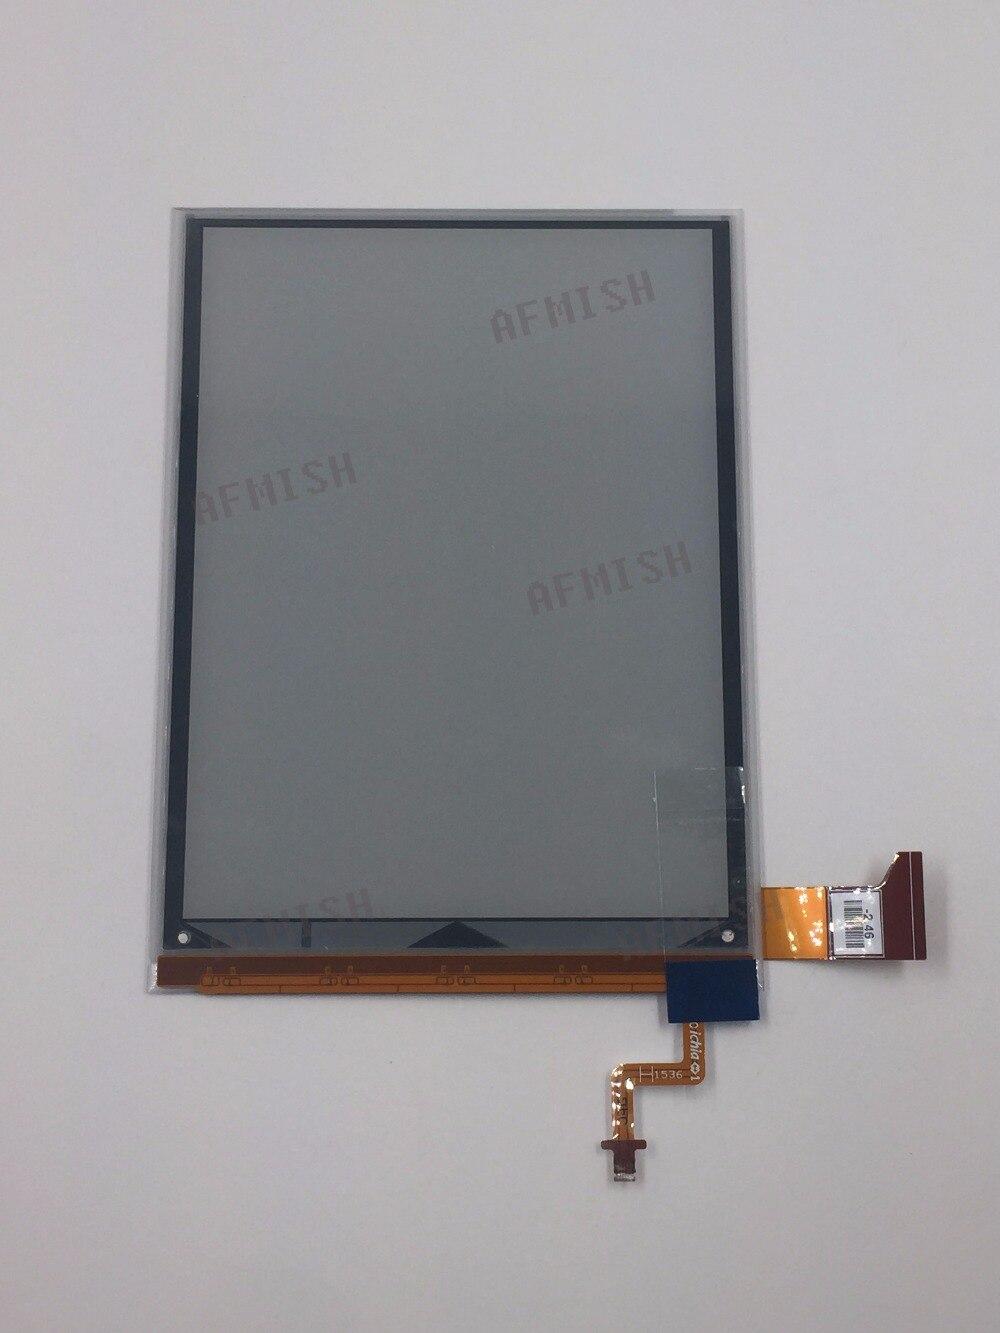 Pantalla LCD de 6 pulgadas para 100%, lector de libros electrónicos, N437-KU-BK-KEP, nuevo, eink, Envío Gratis